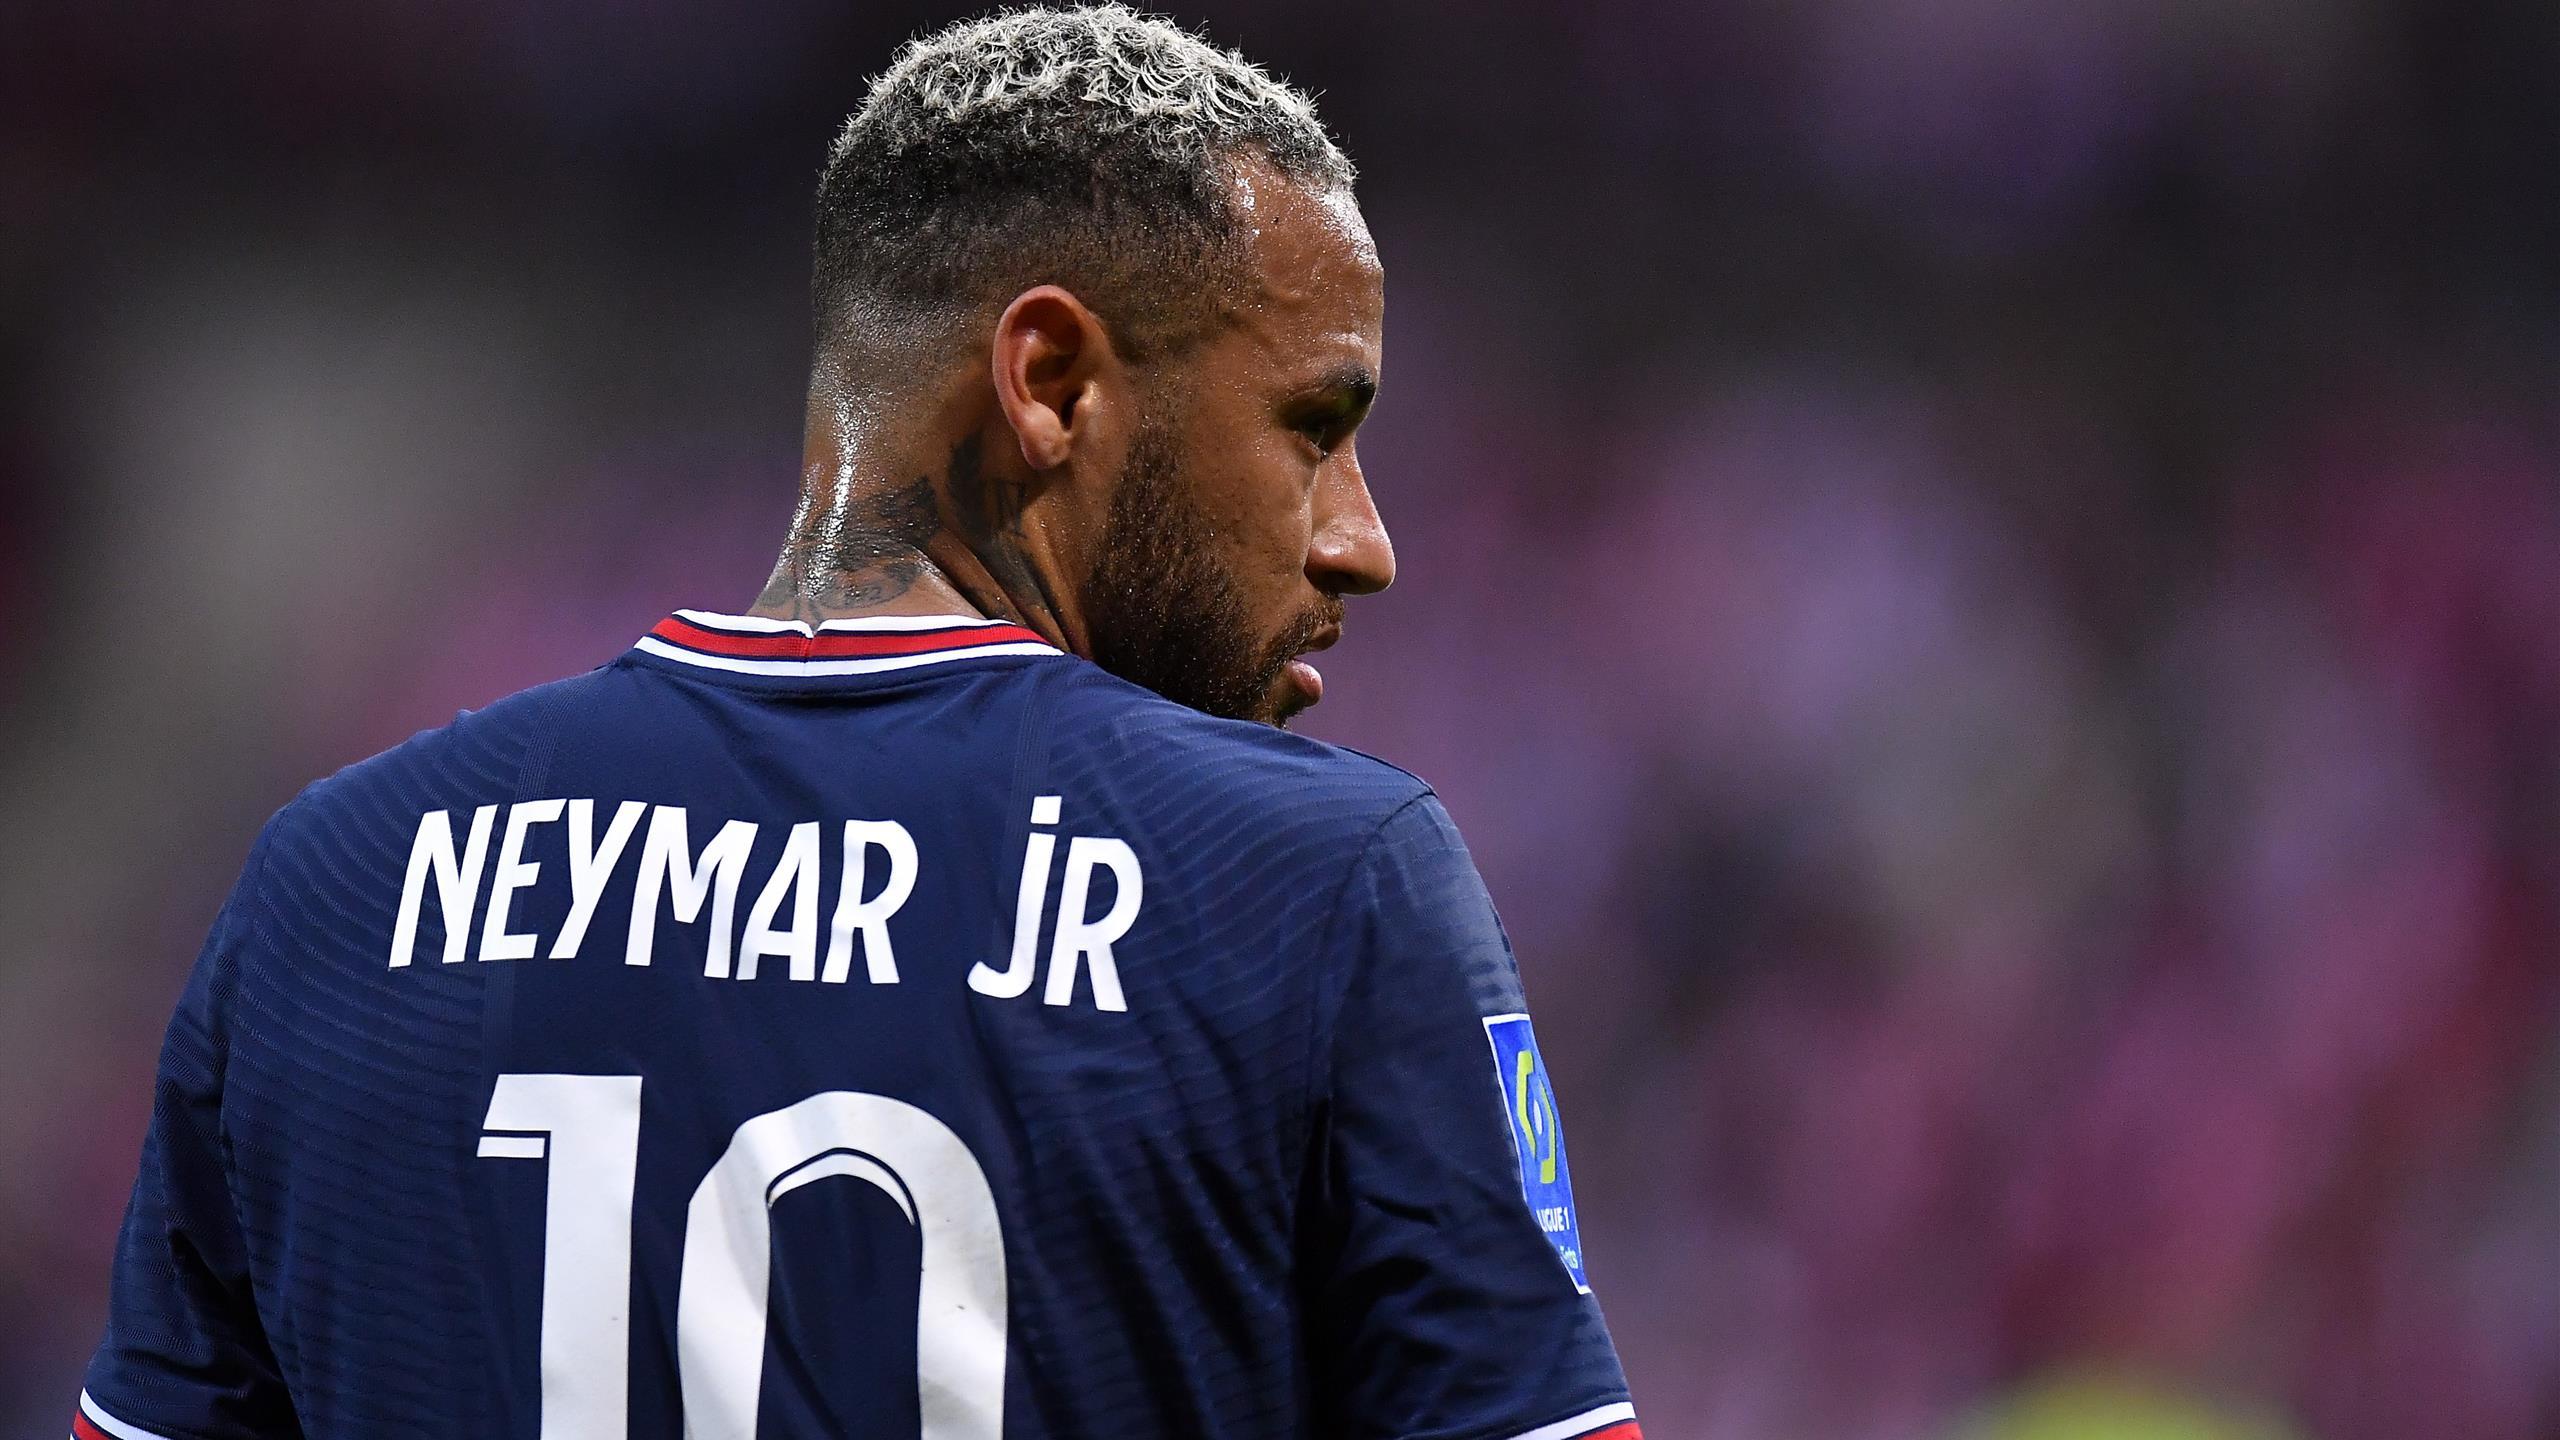 Transfert record et retombées XXL : Neymar aurait rapporté 400 millions au PSG dès la saison 2017-18